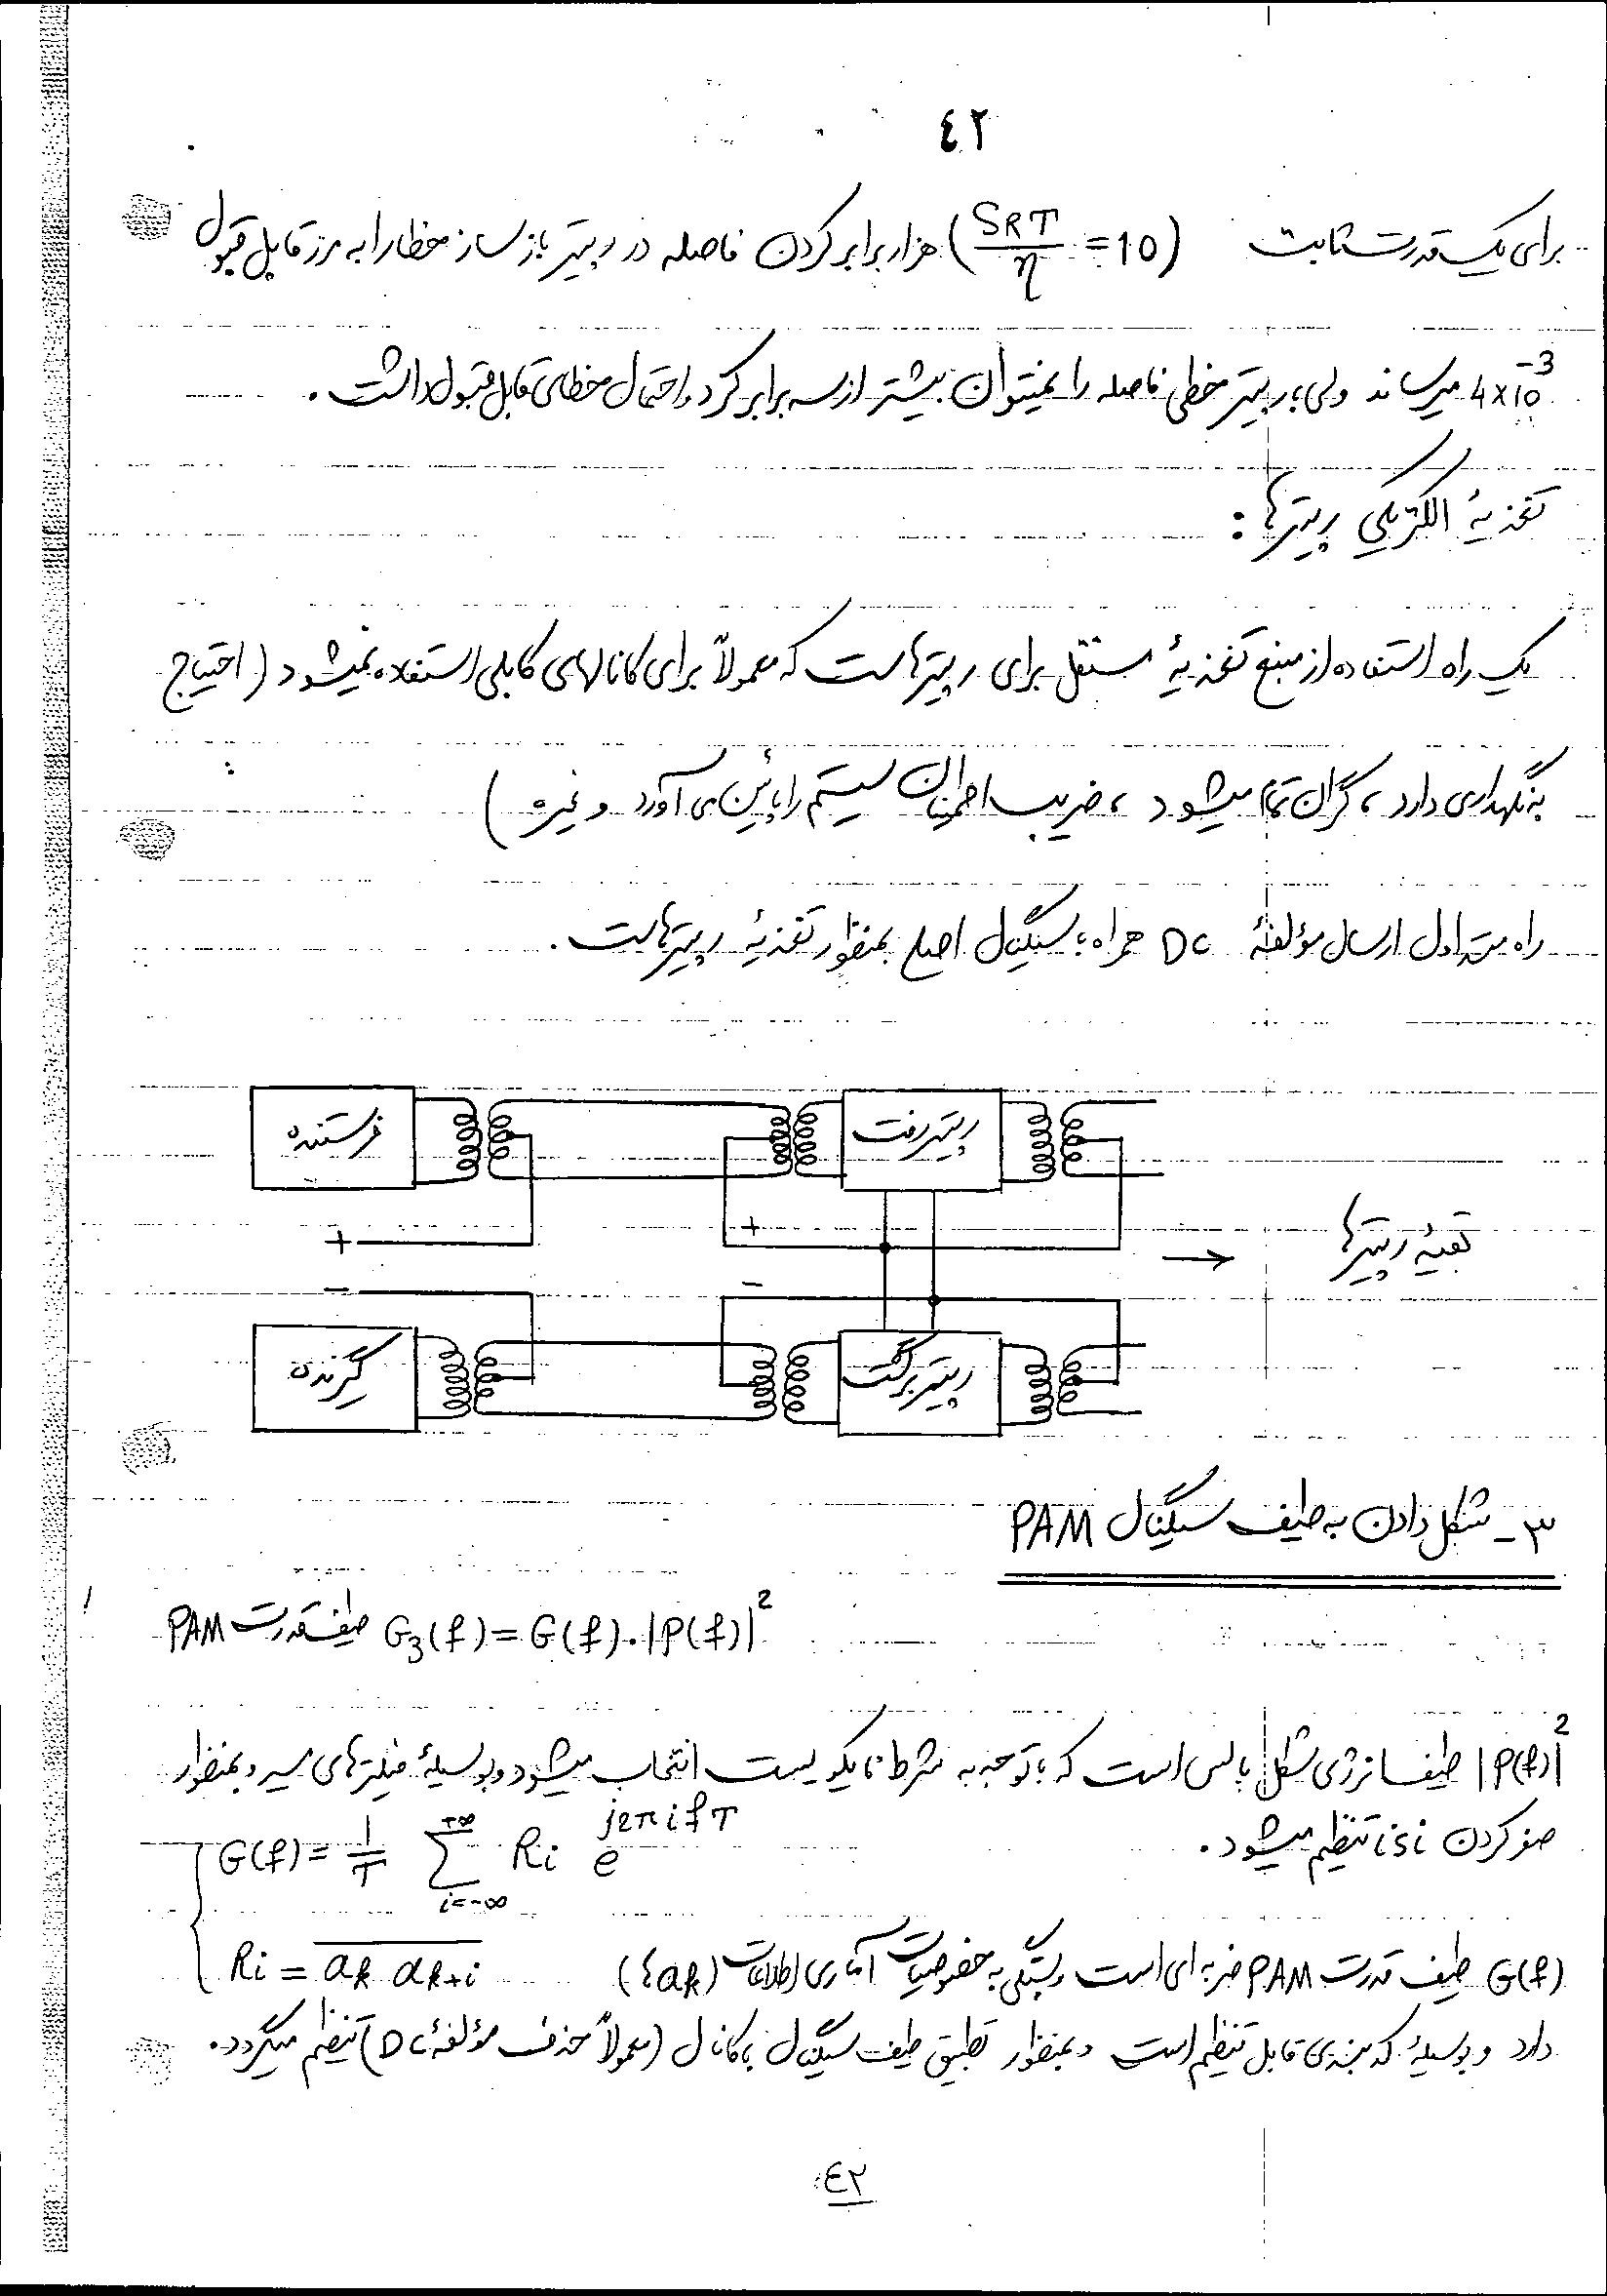 جزوه درس مخابرات دیجیتال دانشگاه تهران